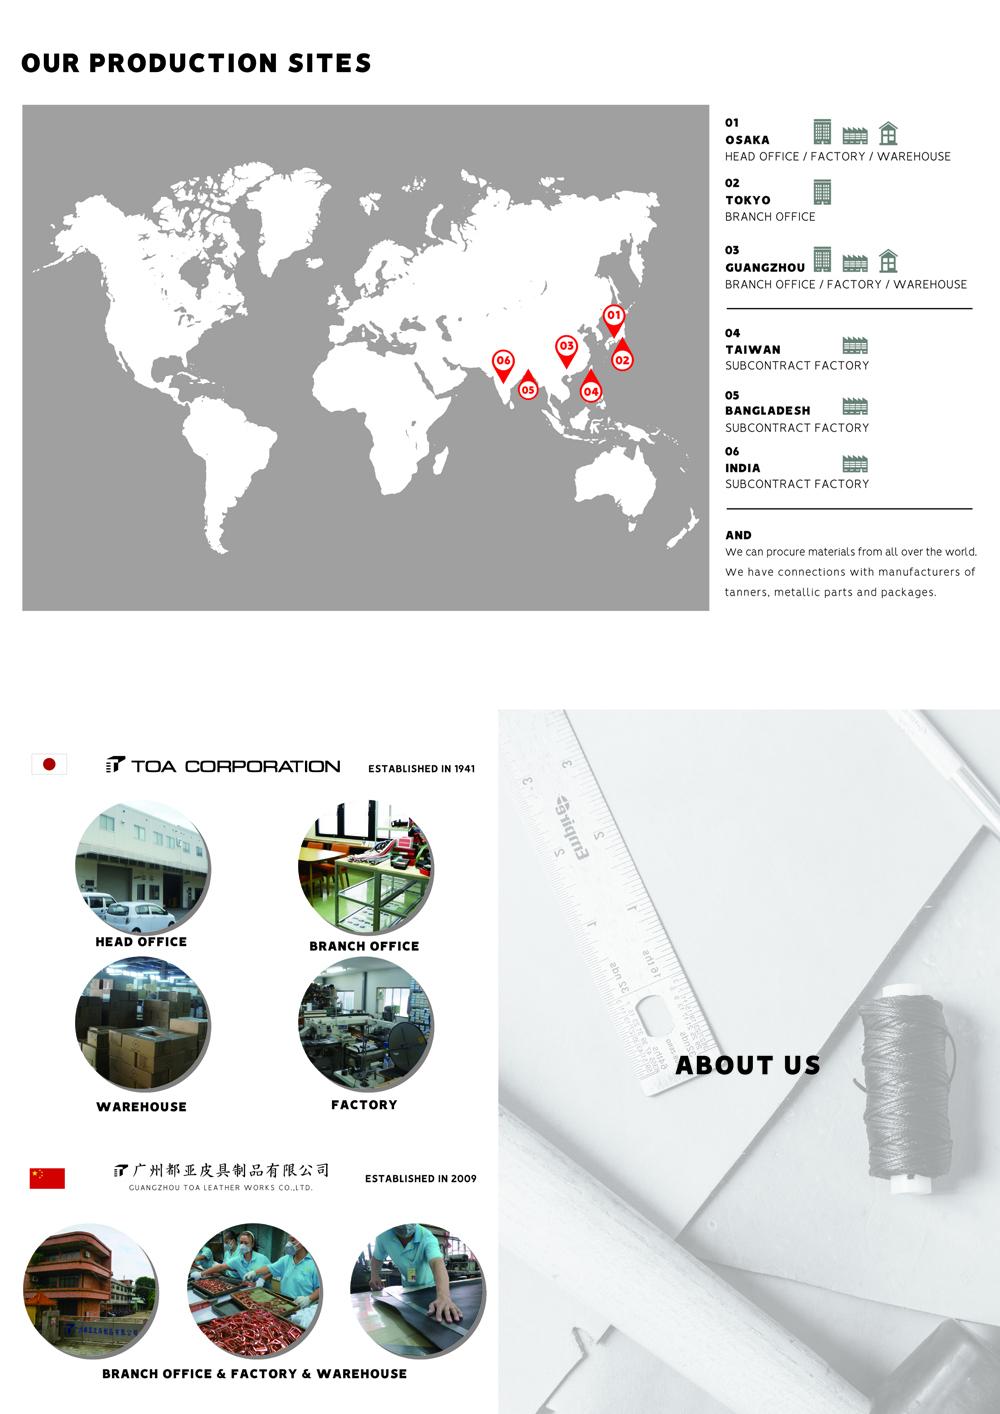 03_Production Site